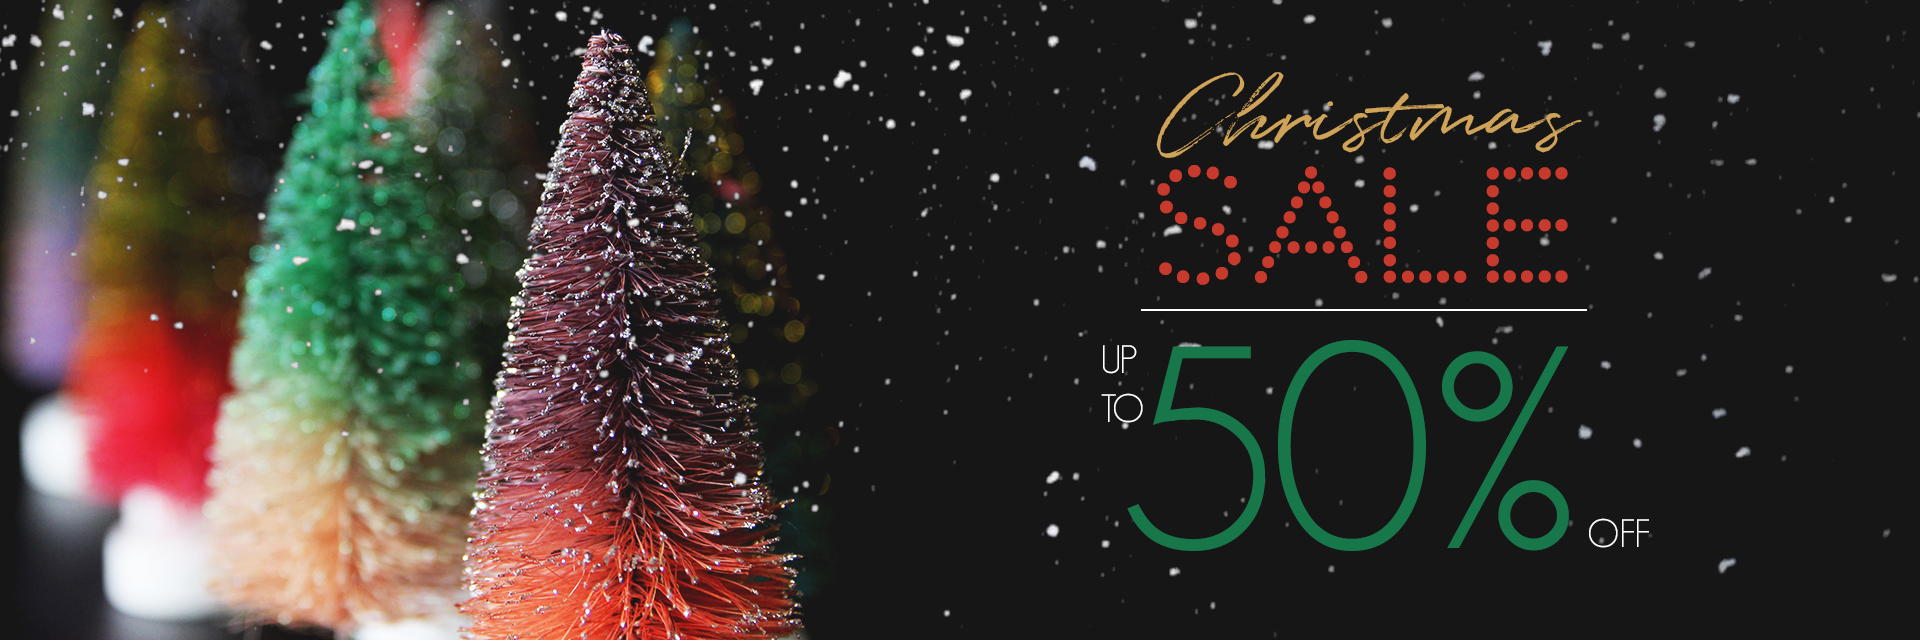 Rockett St George Christmas Sale